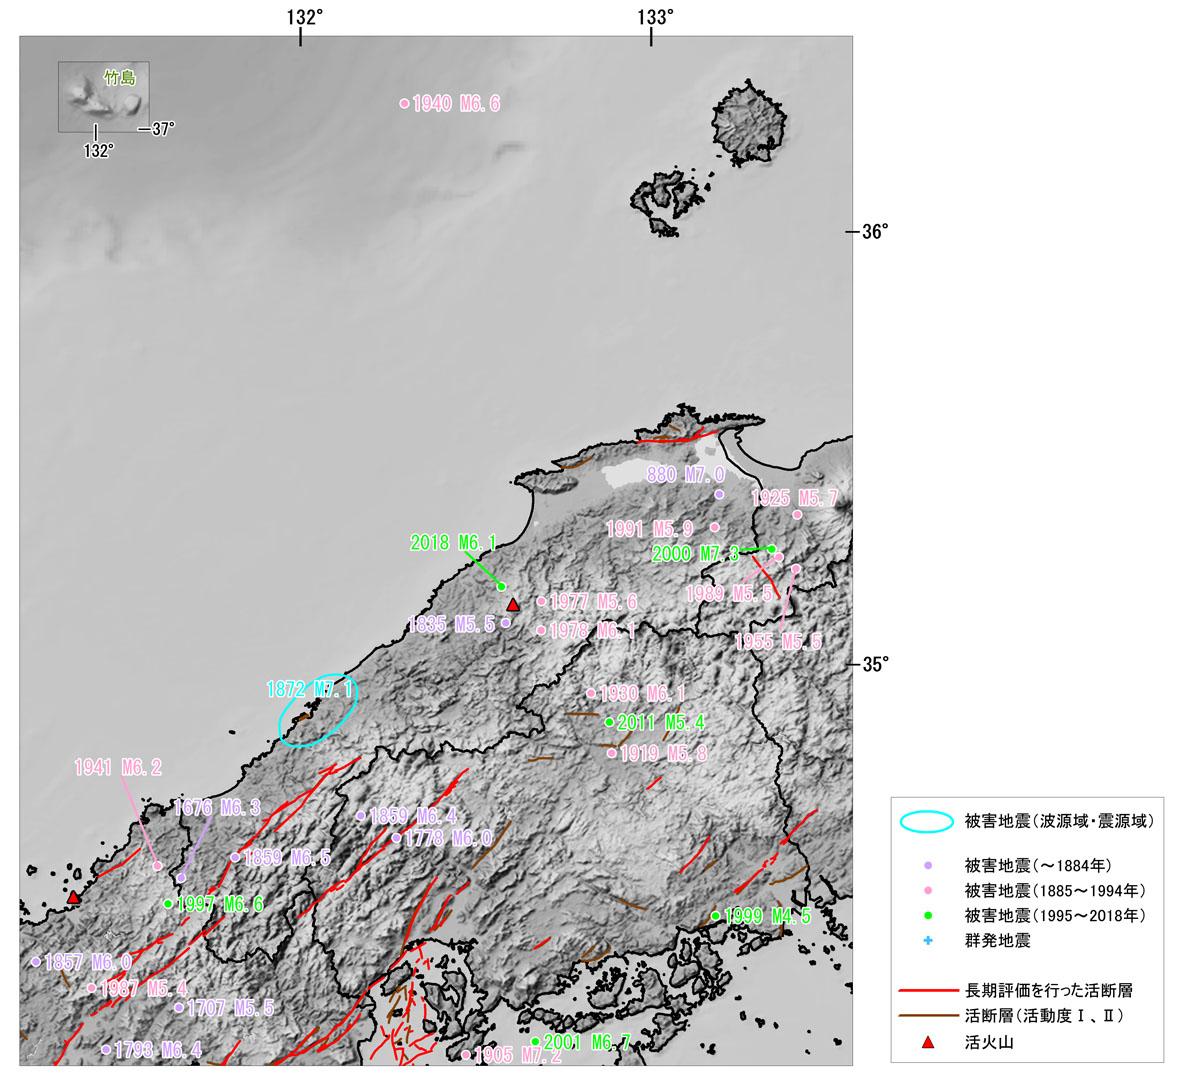 島根県とその周辺の主な被害地震